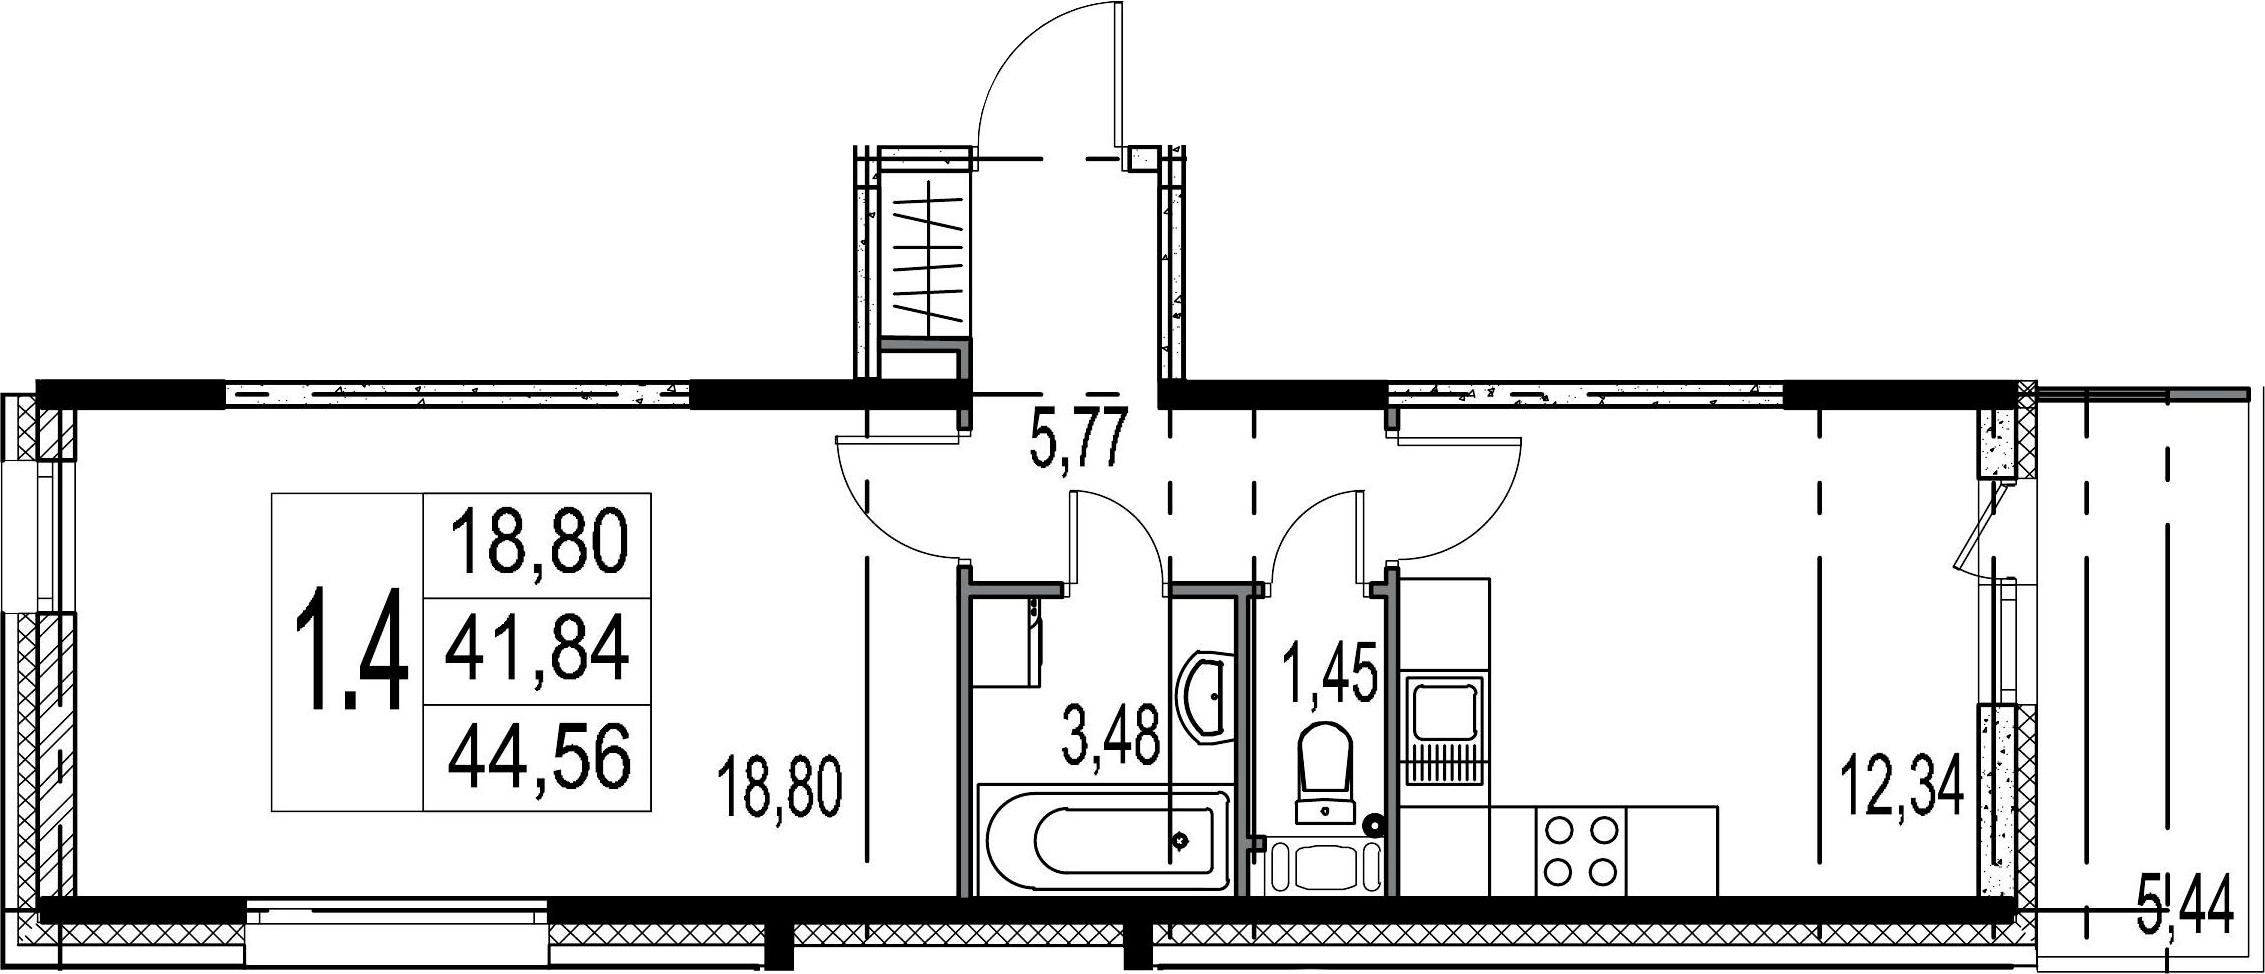 1-комнатная, 41.84 м²– 2